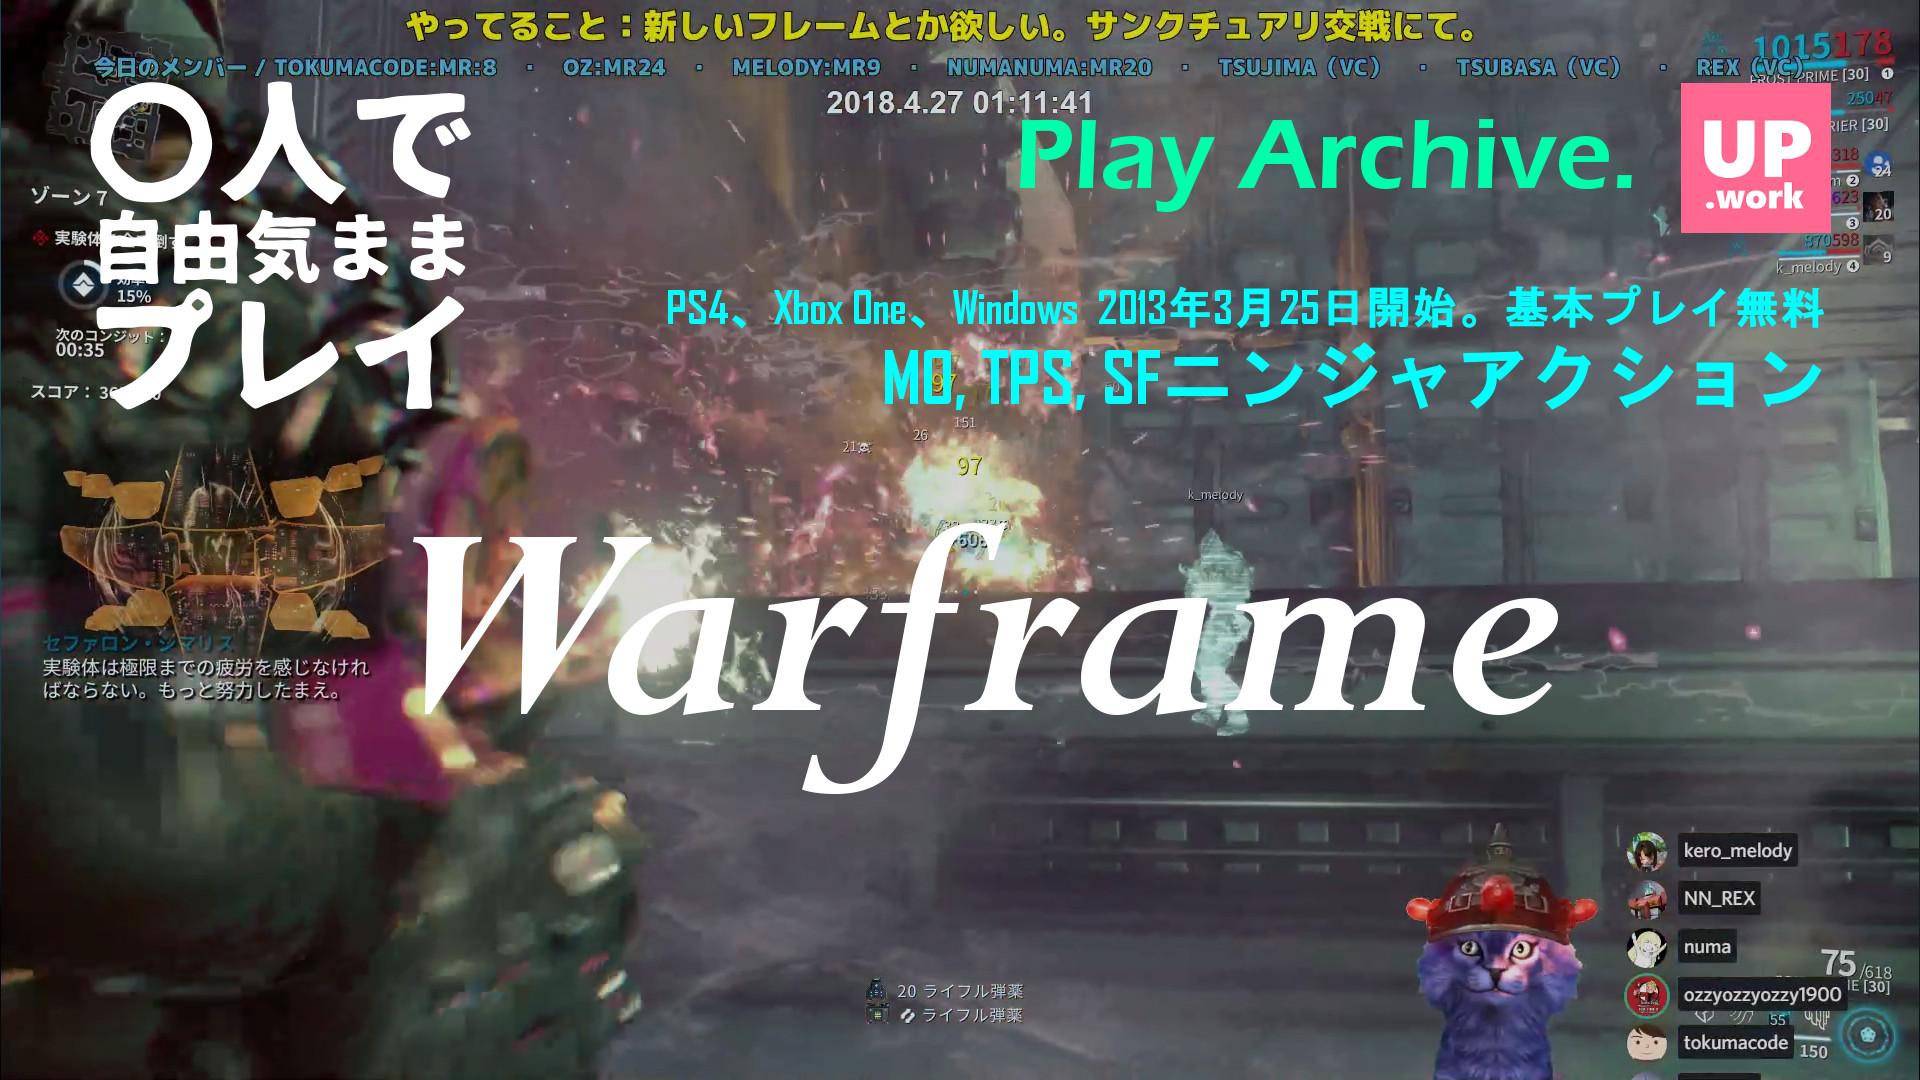 プレイ日記 /// Warframe /// #29 鬼門サンクチュアリ交戦 / 2~7人で自由気ままプレイ / FaceRig